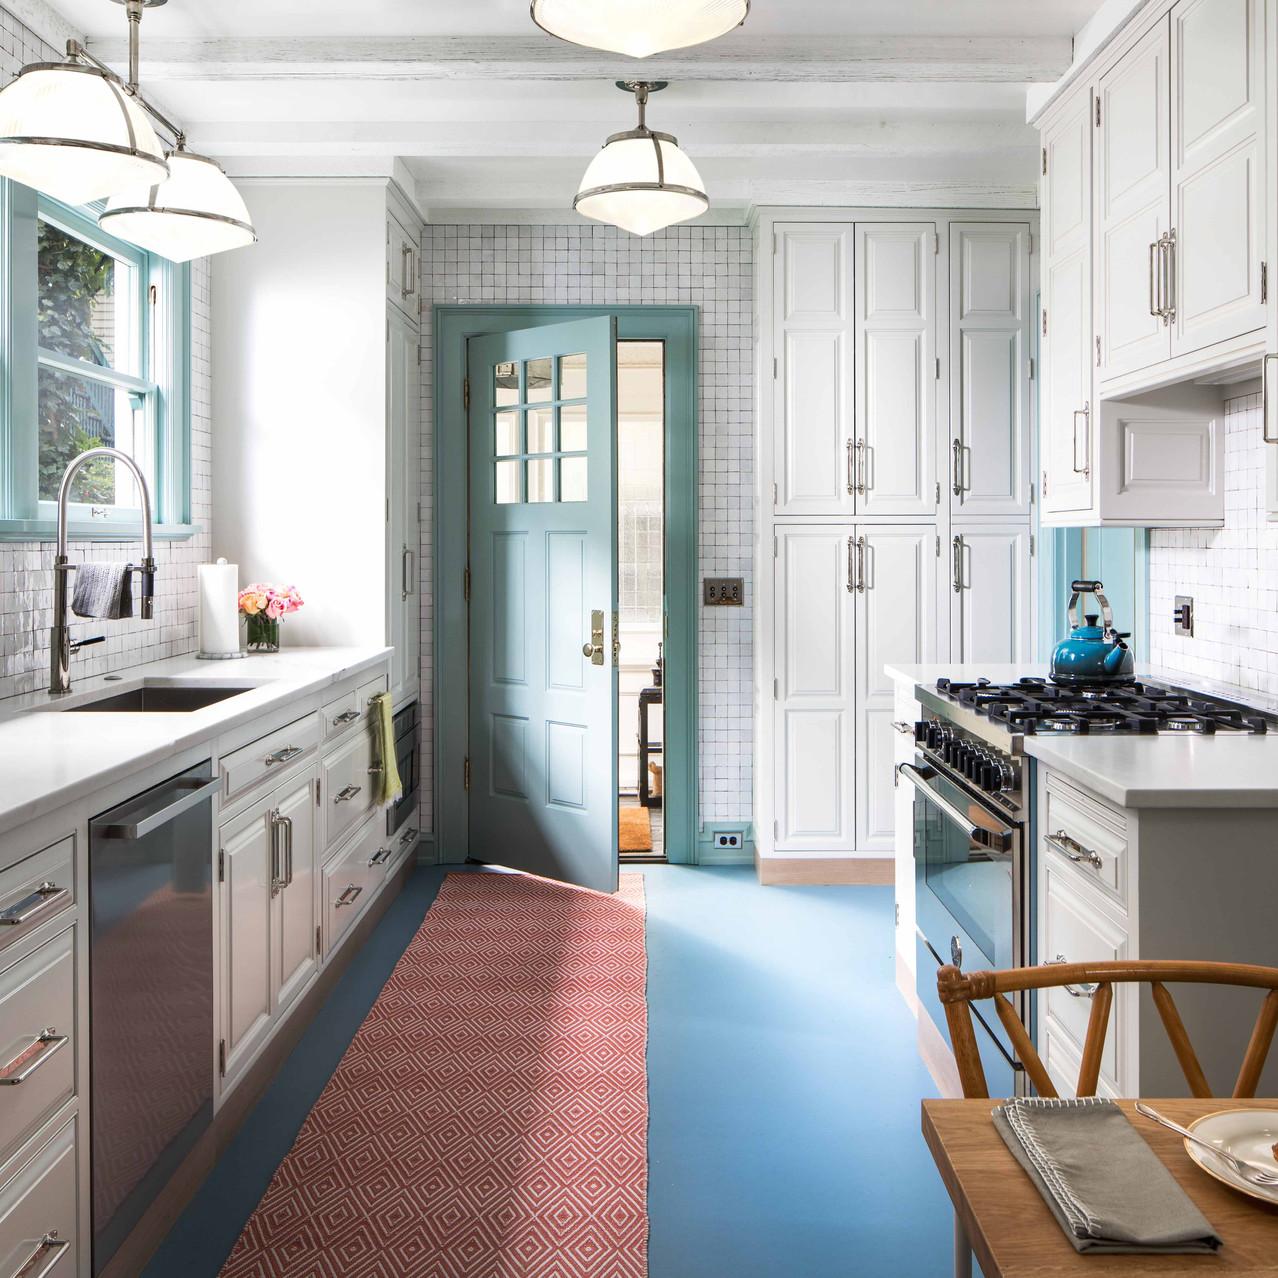 white kitchen cabinets, rejuvenation lights